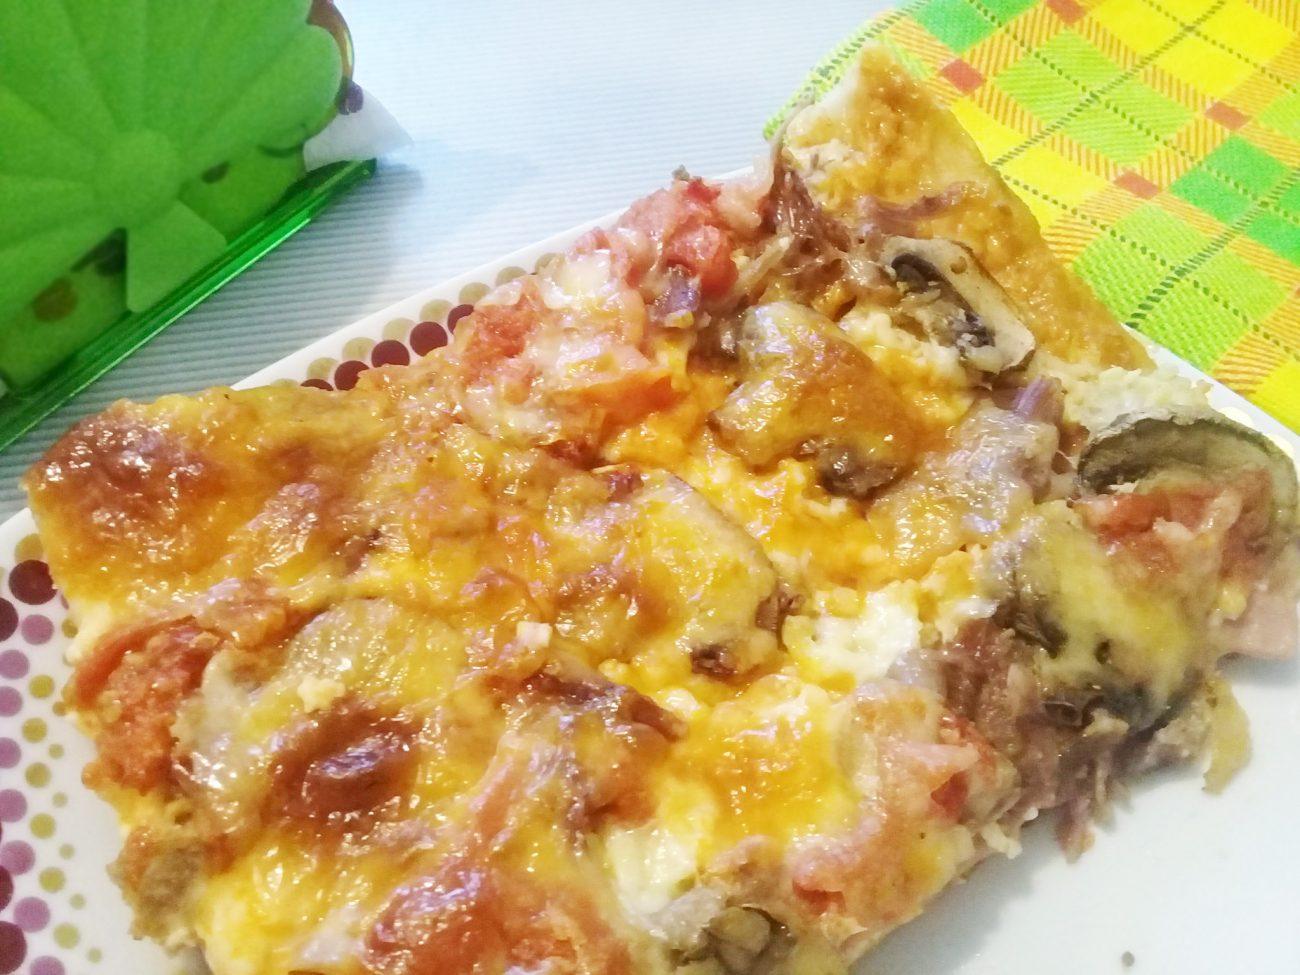 Пицца «Ассорти» из замороженного теста с мясом, сыром и грибами